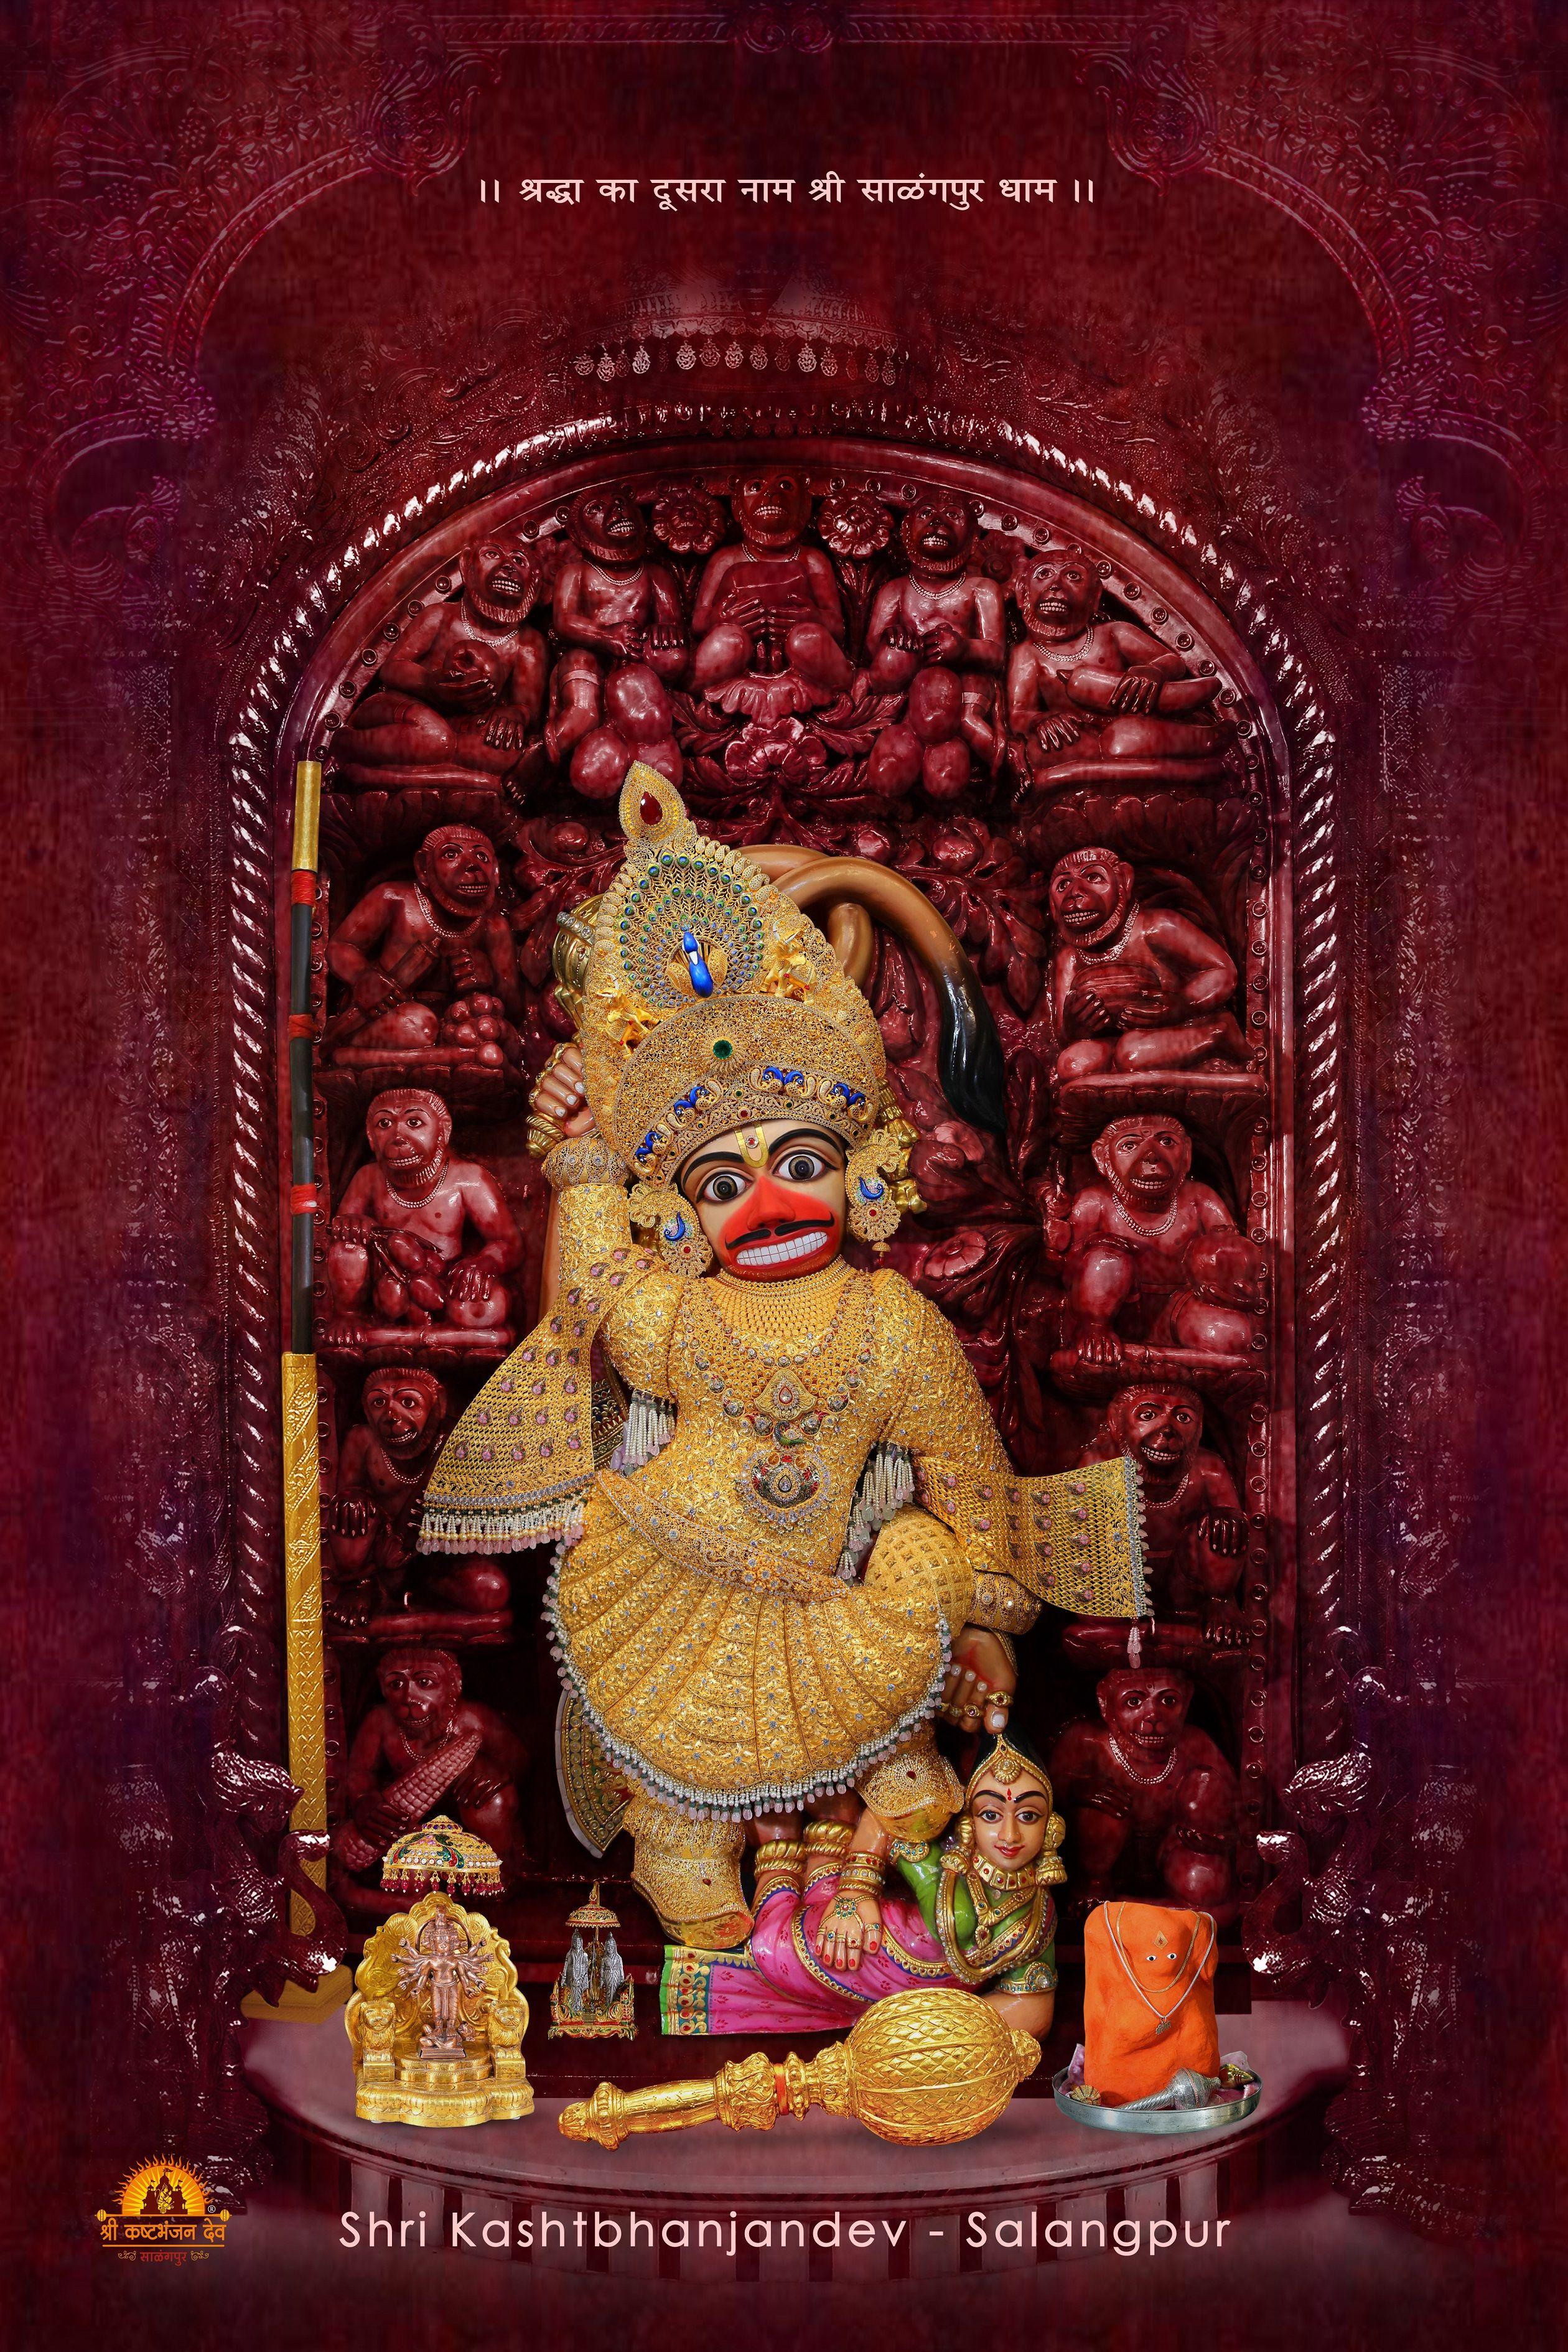 Hanuman Hd Wallpaper Hanumanji Lord Hanuman Wallpapers Full hd 1080p ultra hd hanuman hd